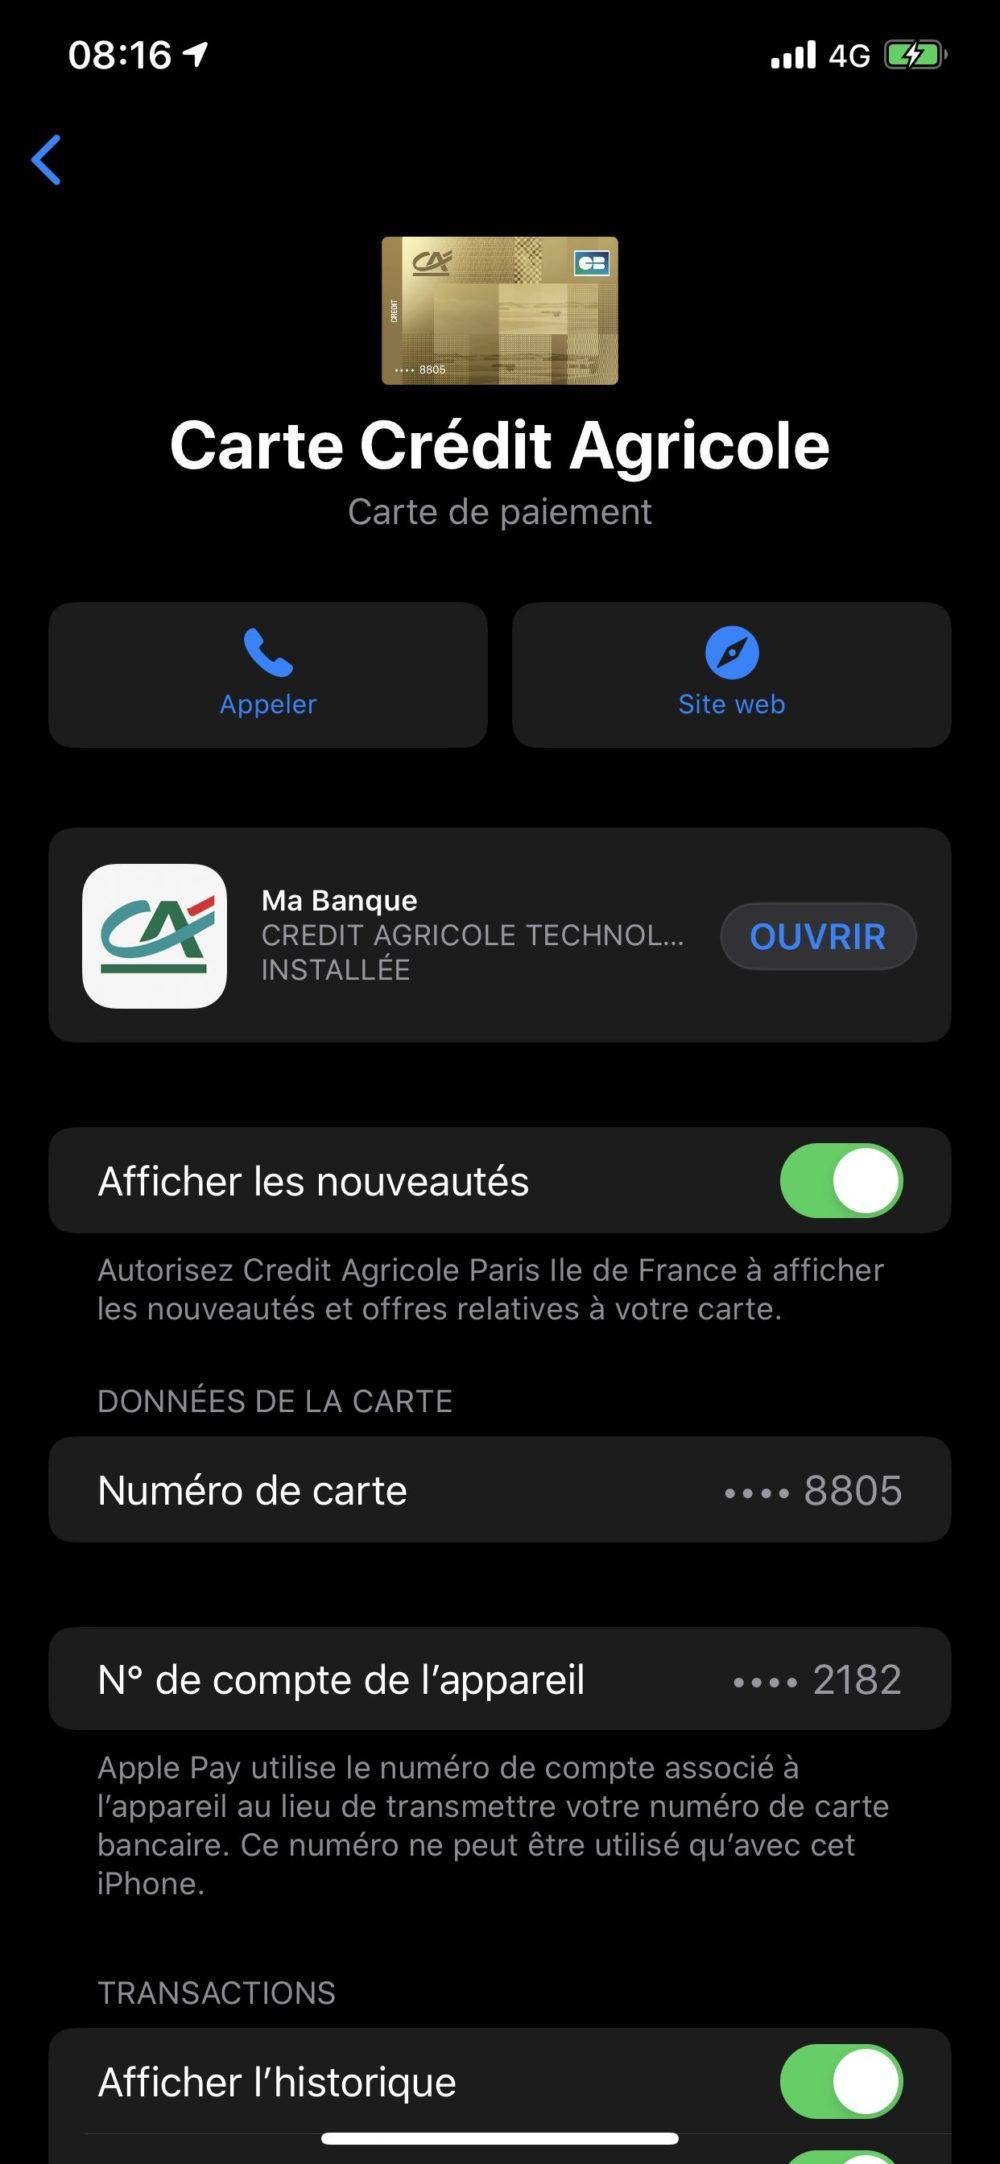 Apple Pay Credit Agricole Apple Pay est enfin disponible au Crédit Agricole